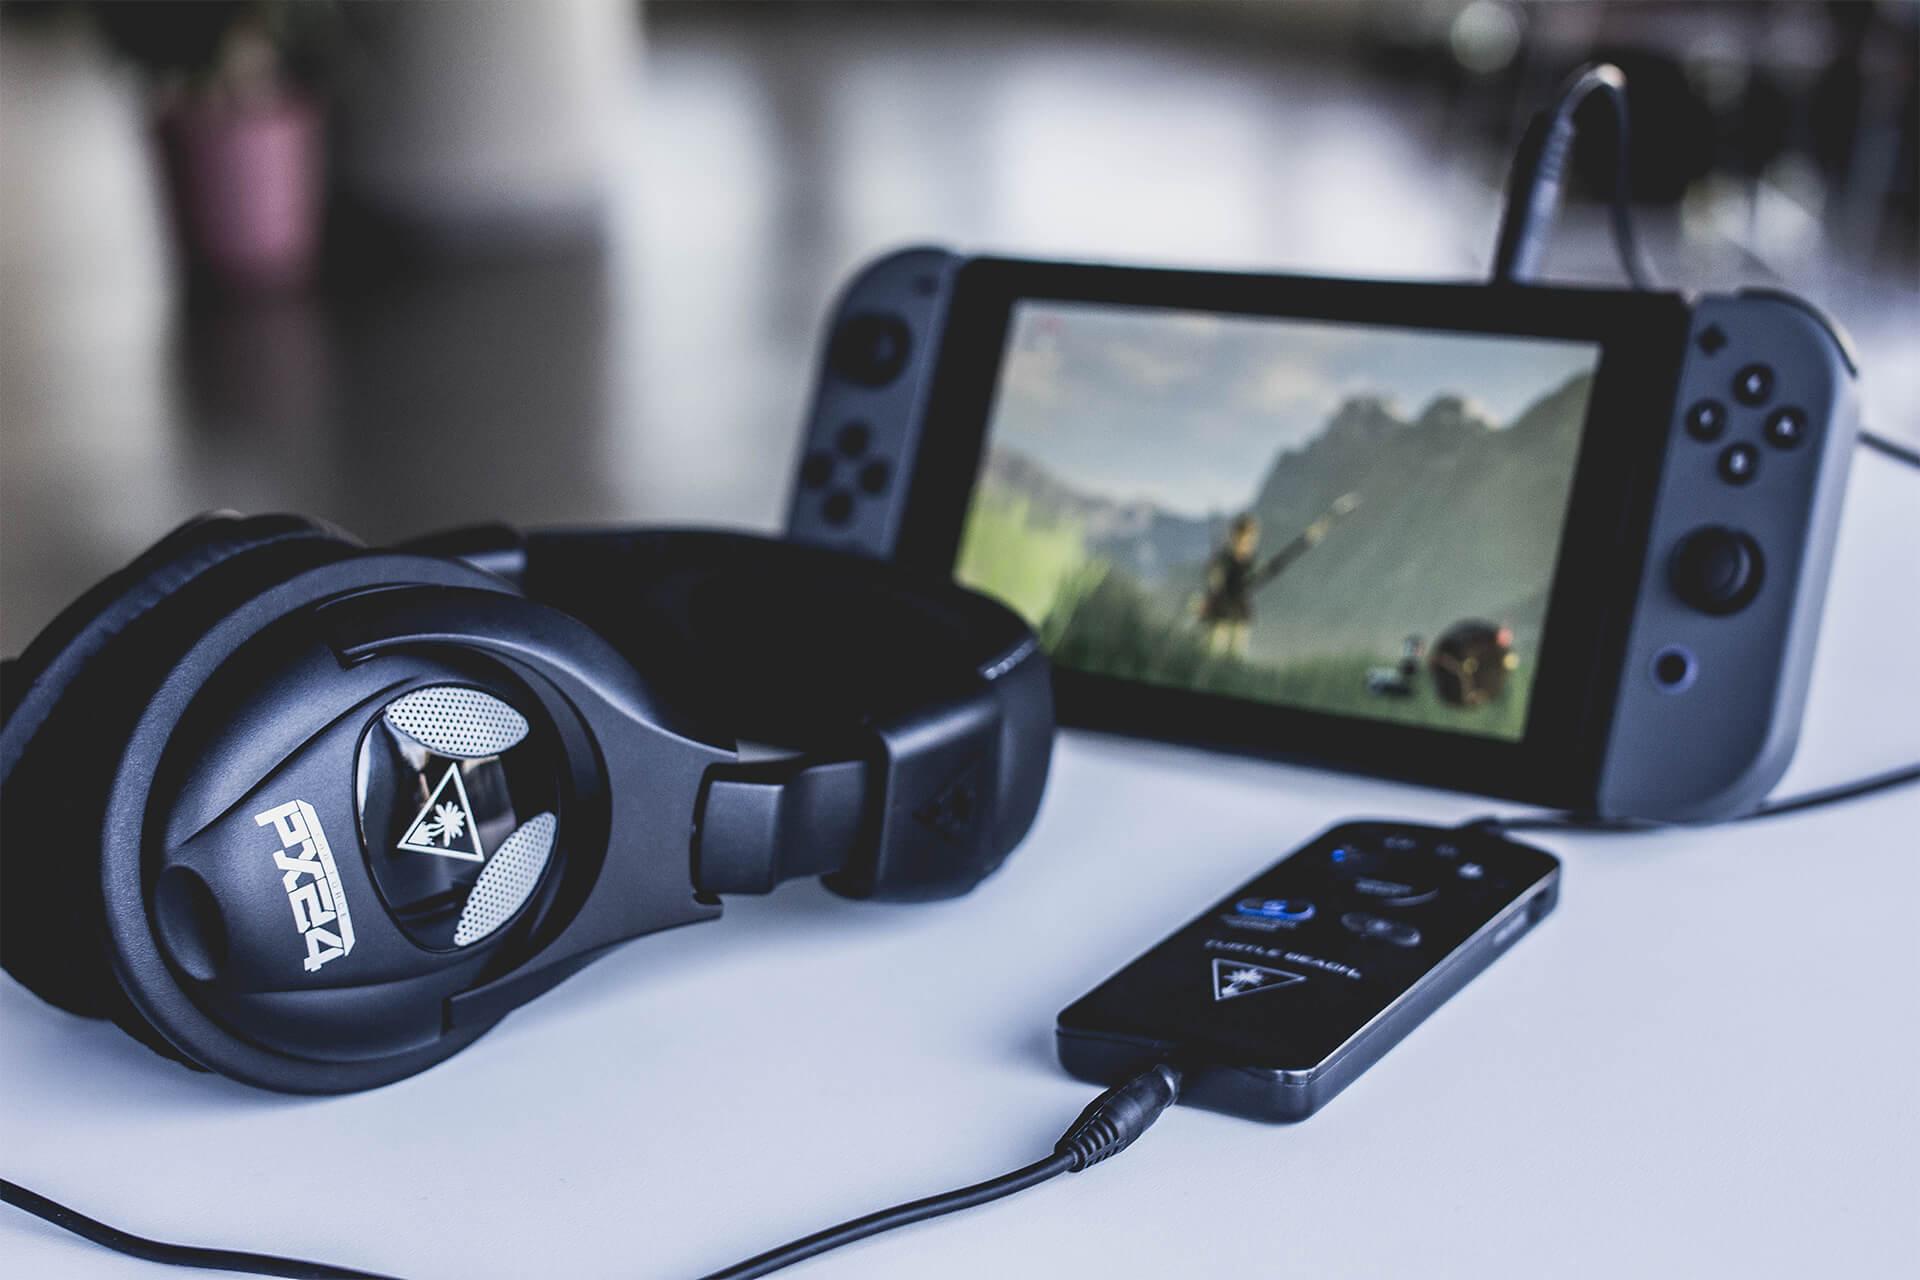 Why Aren't Your Nintendo Switch Headphones Working?